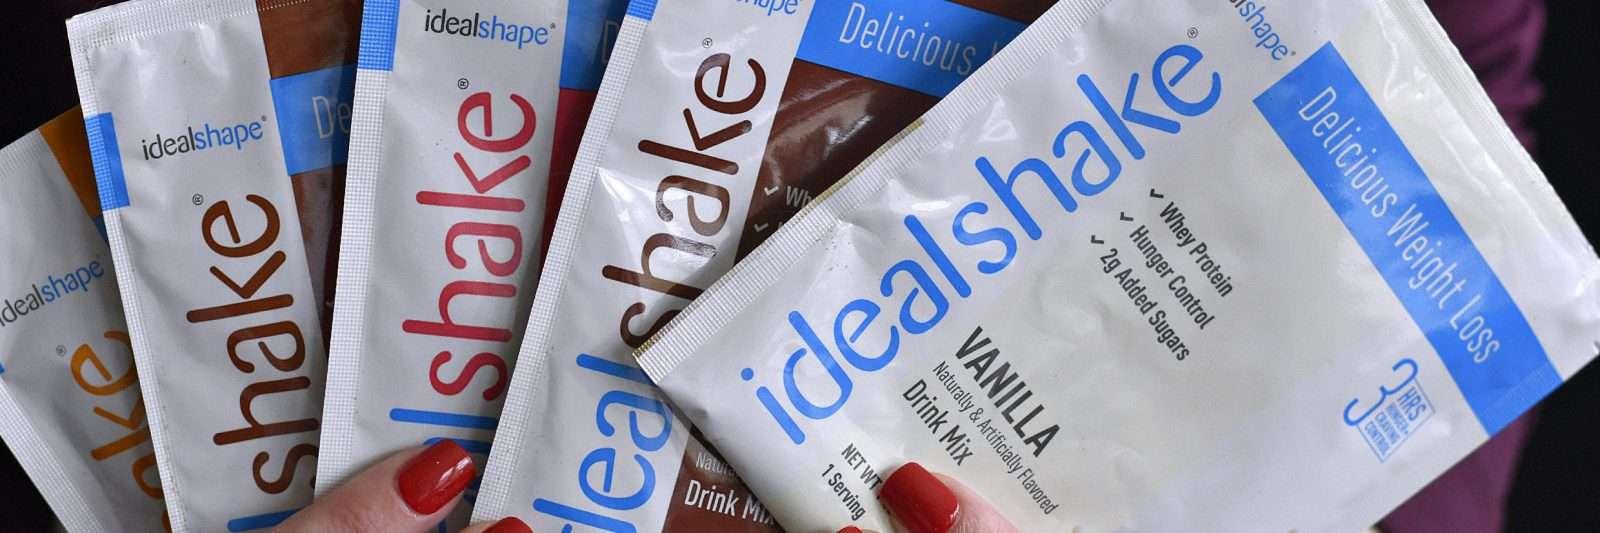 idealshake sample pack